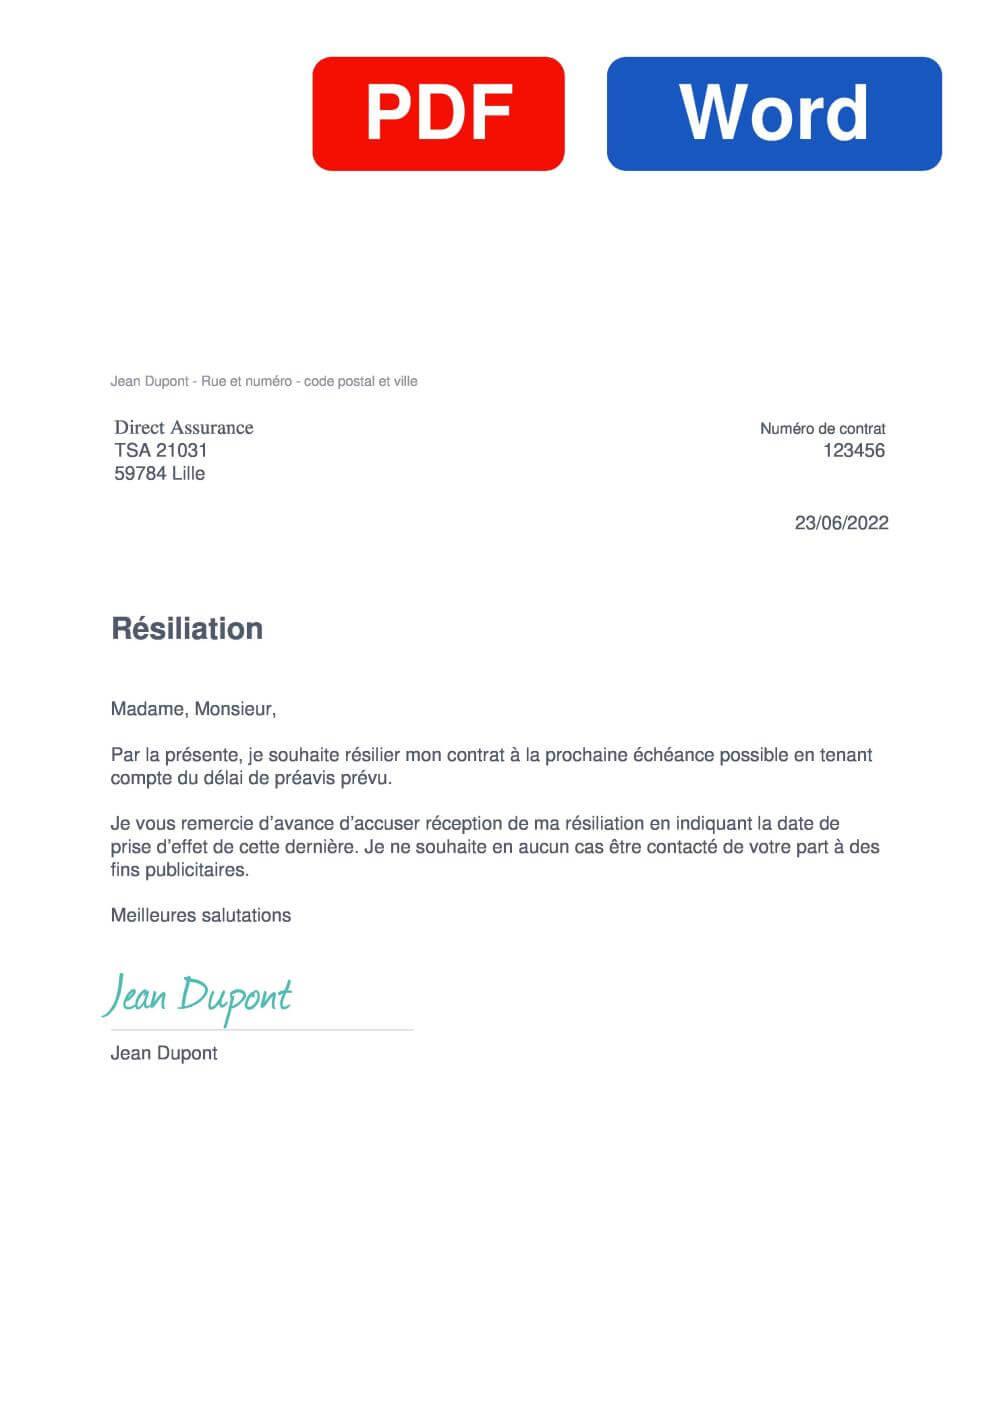 Direct Assurance Auto Assurance Modèle de lettre de résiliation